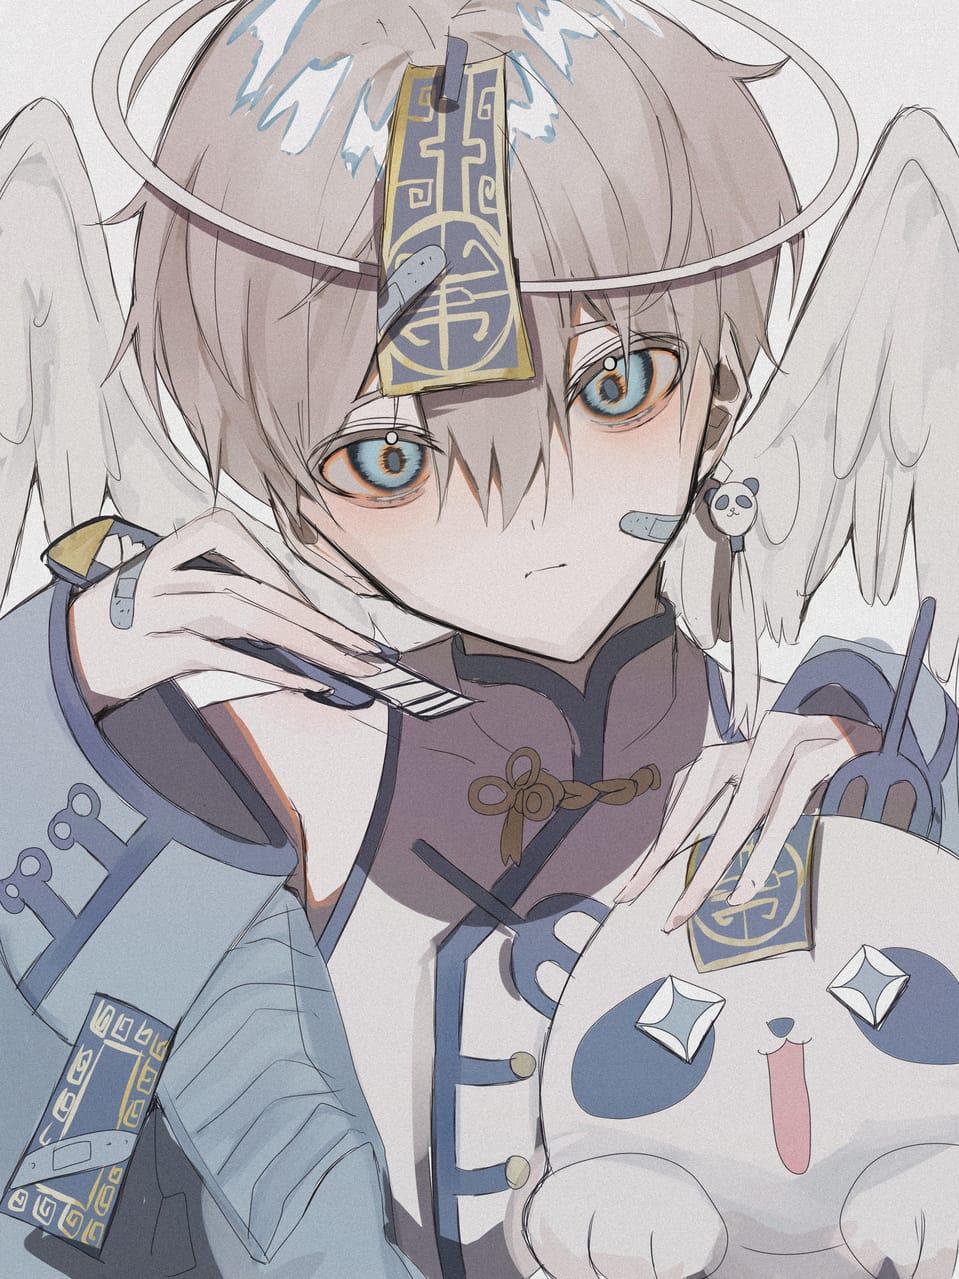 Illust of つぶ oc original boy